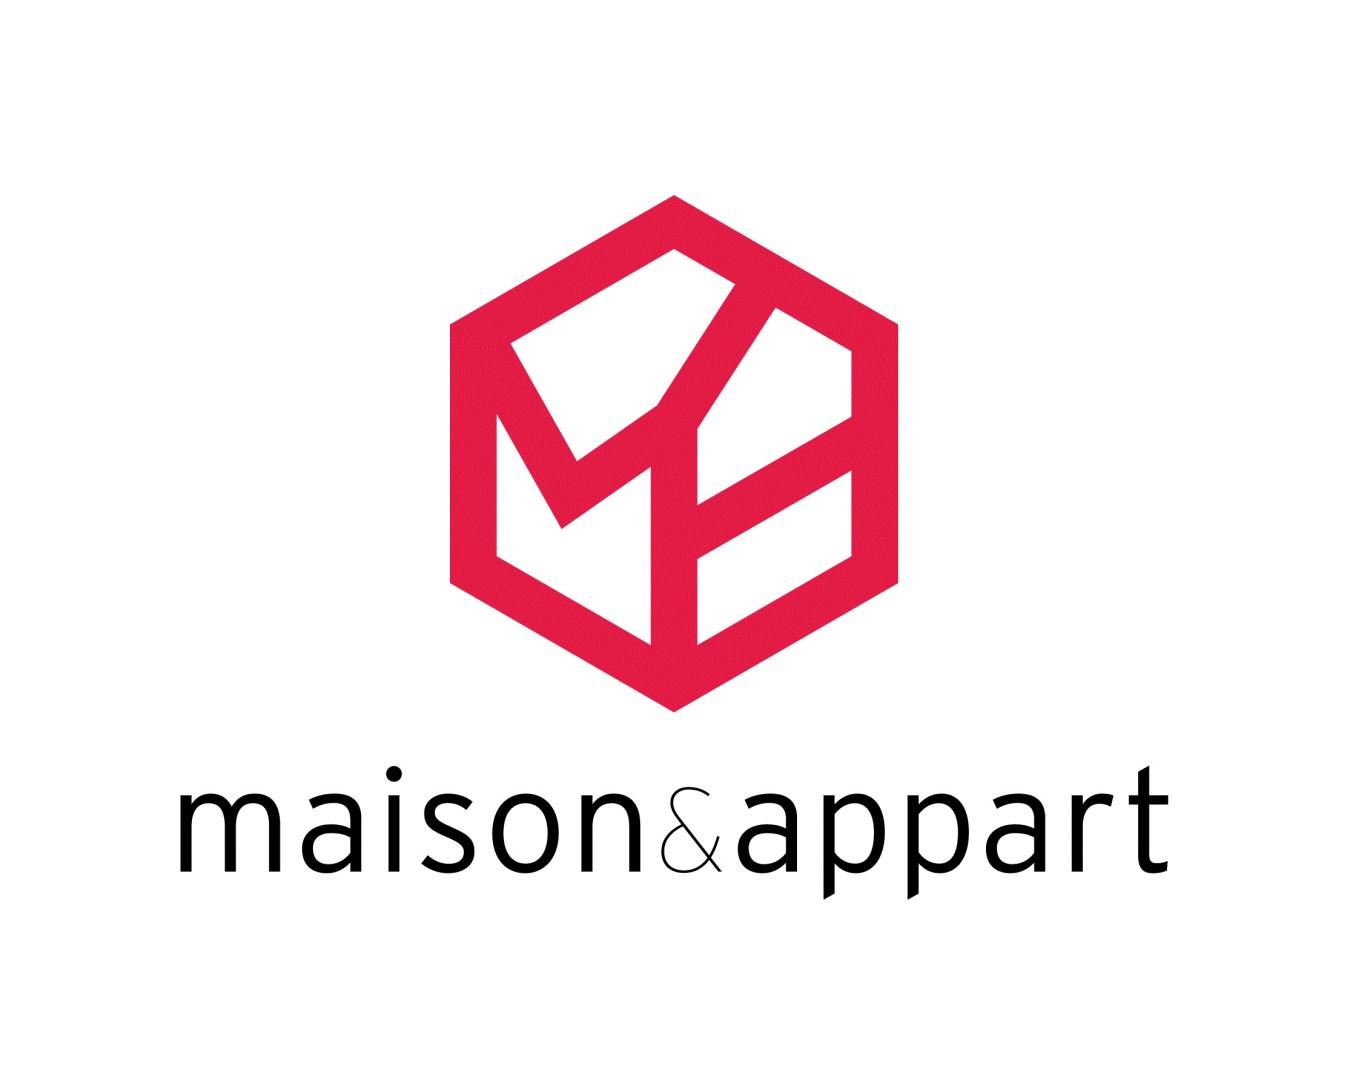 MAISON ET APPART